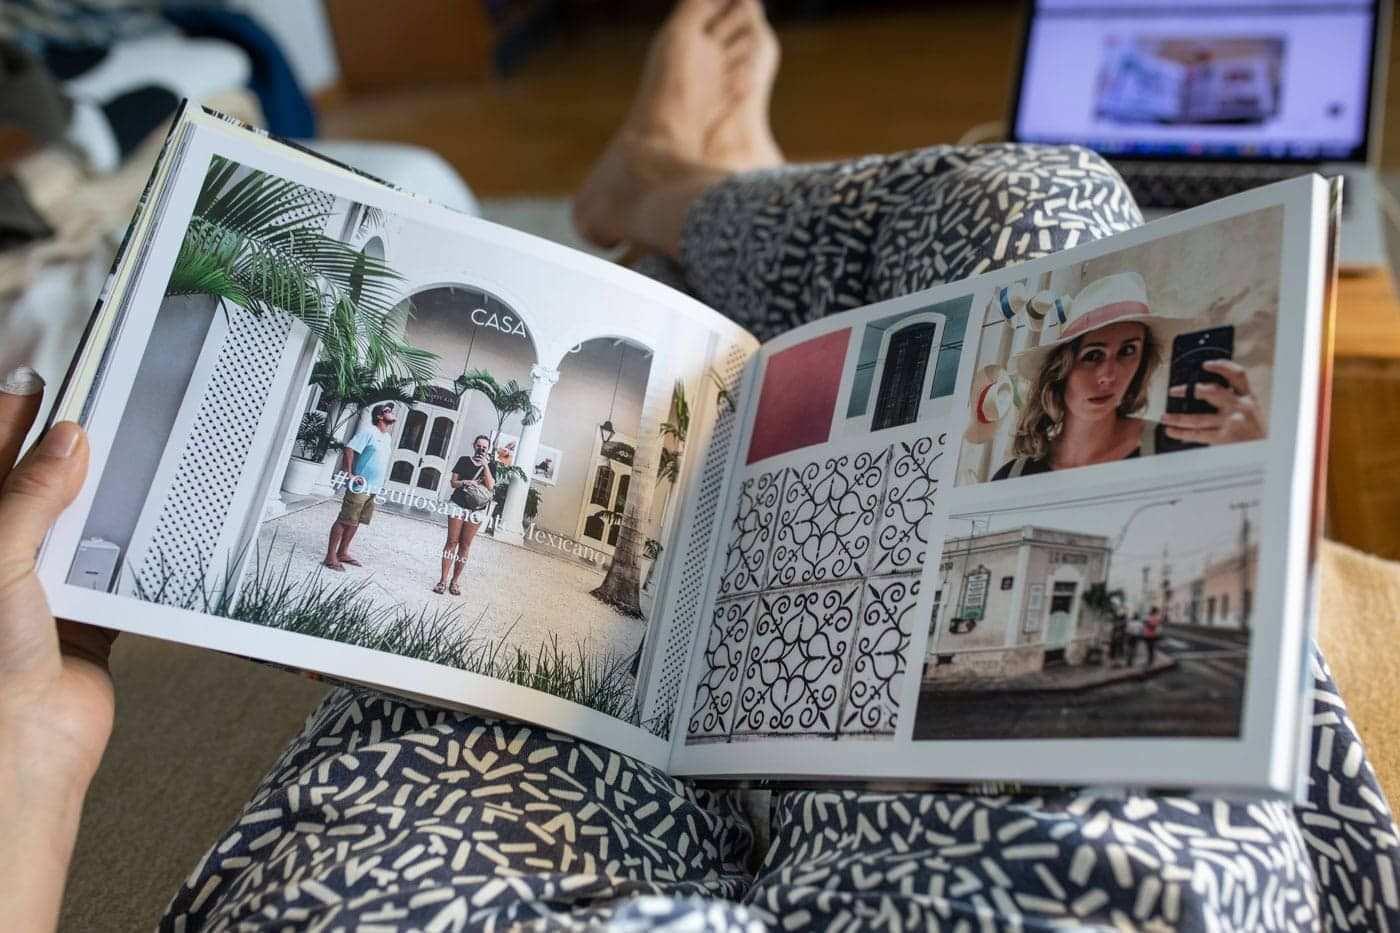 10 Tipps Fur Ein Schones Cewe Fotobuch Escape Town Fotobuch Cewe Fotobuch Fotobuch Erstellen